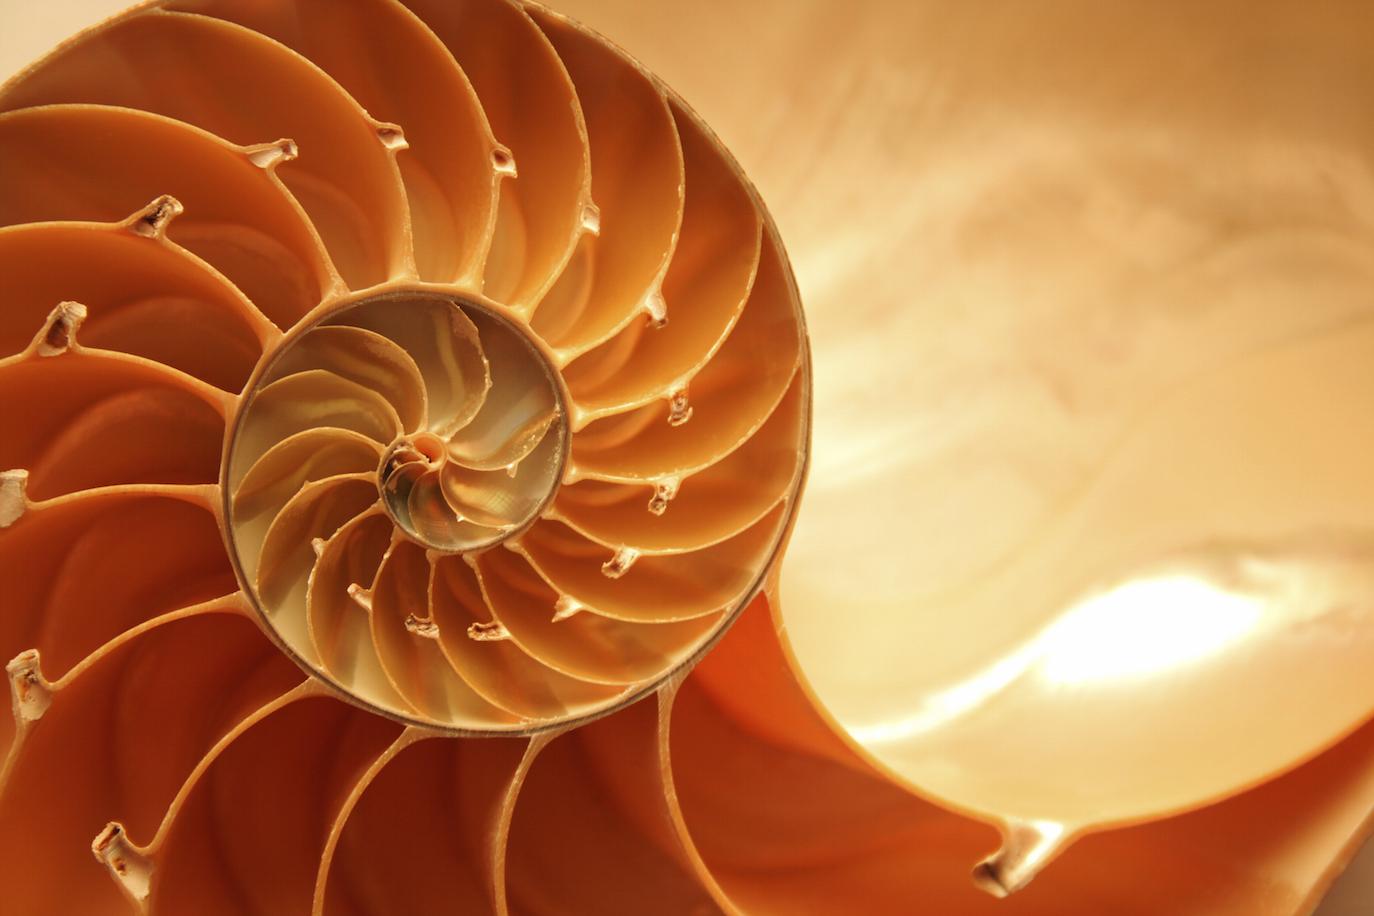 iStock-7160629-L-Nautilus-Shell-copie